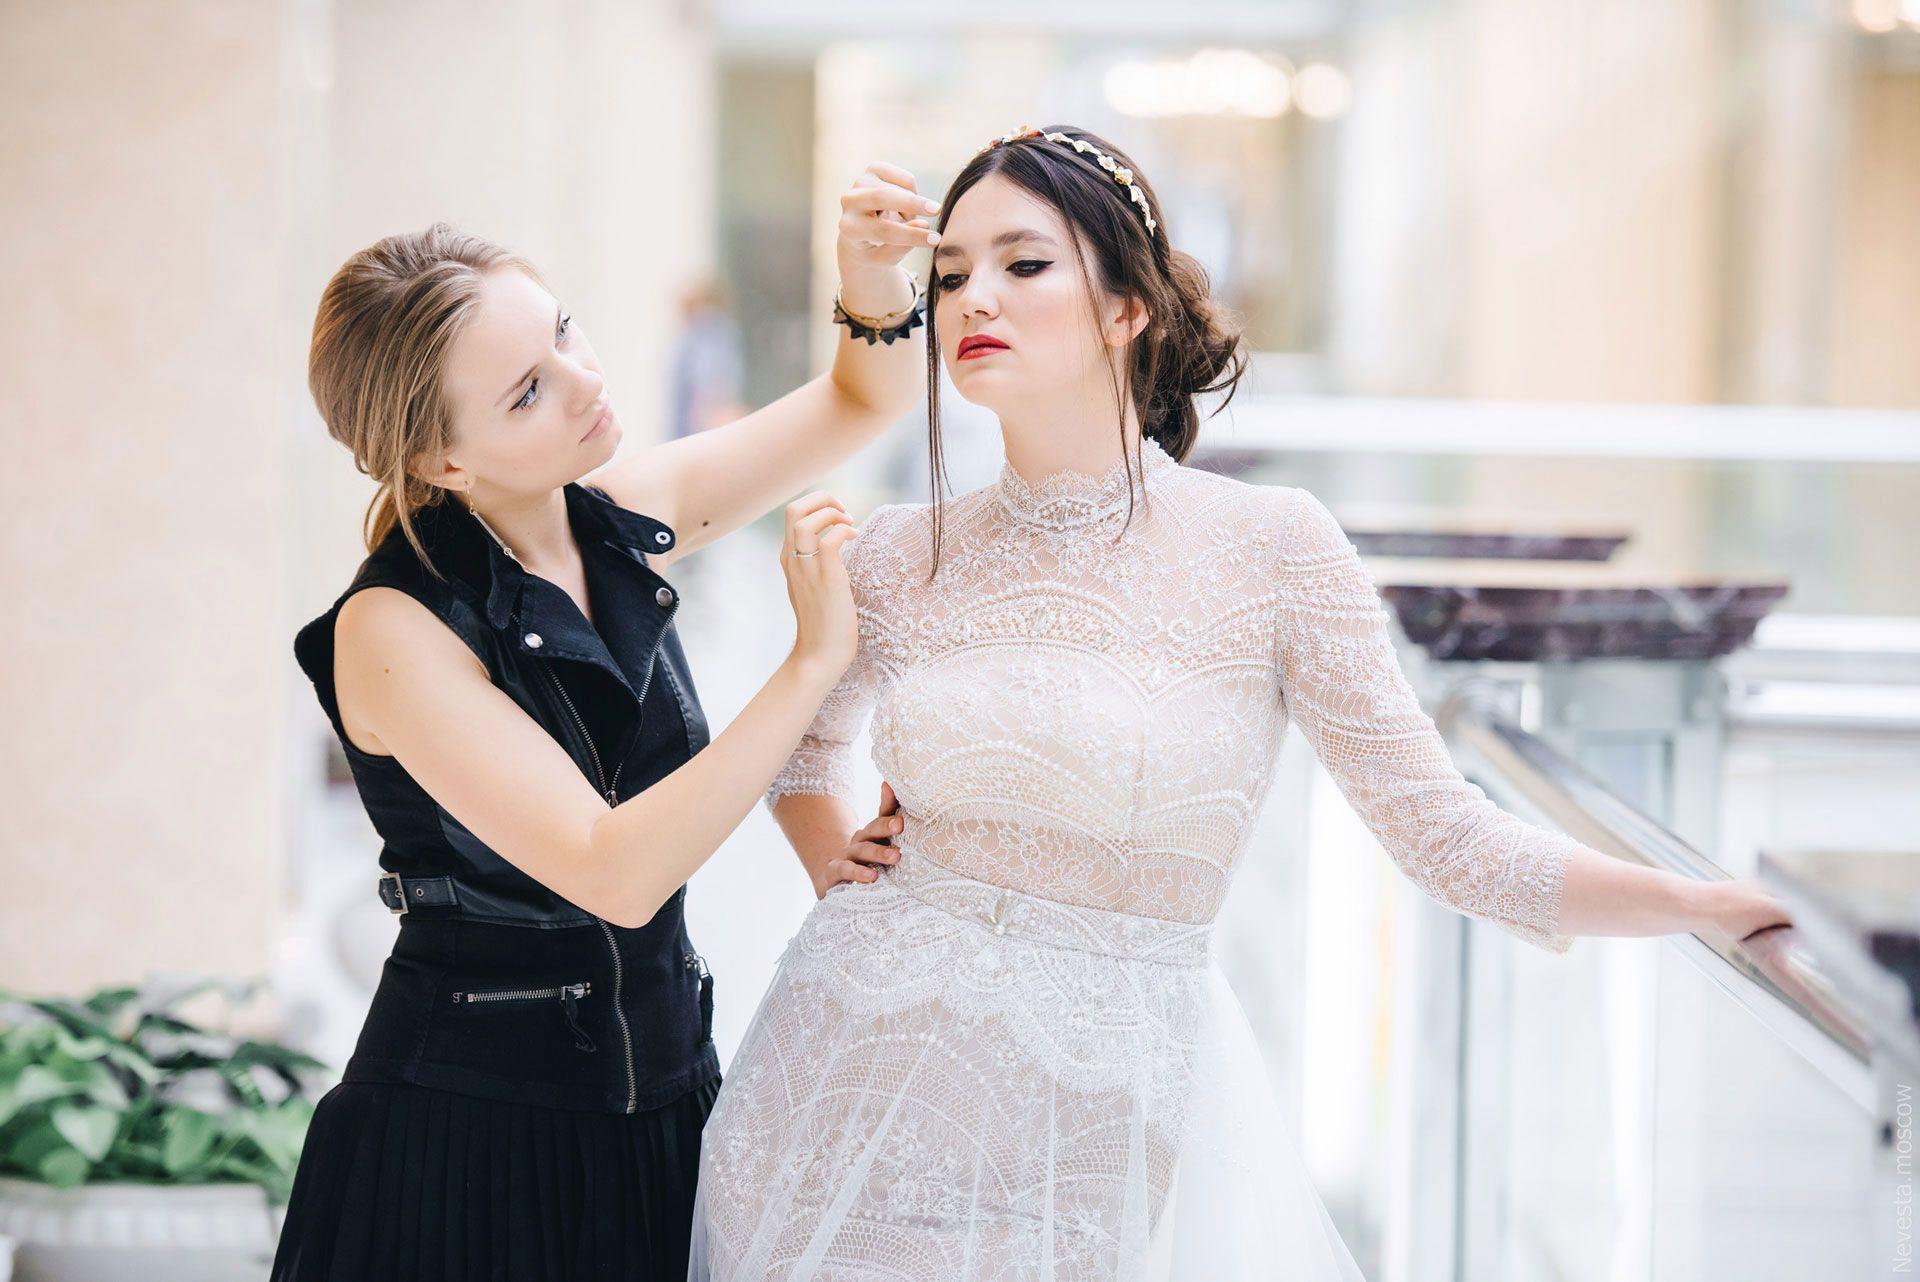 Поиск идеального свадебного платья в салоне Wedding rooms фото 3